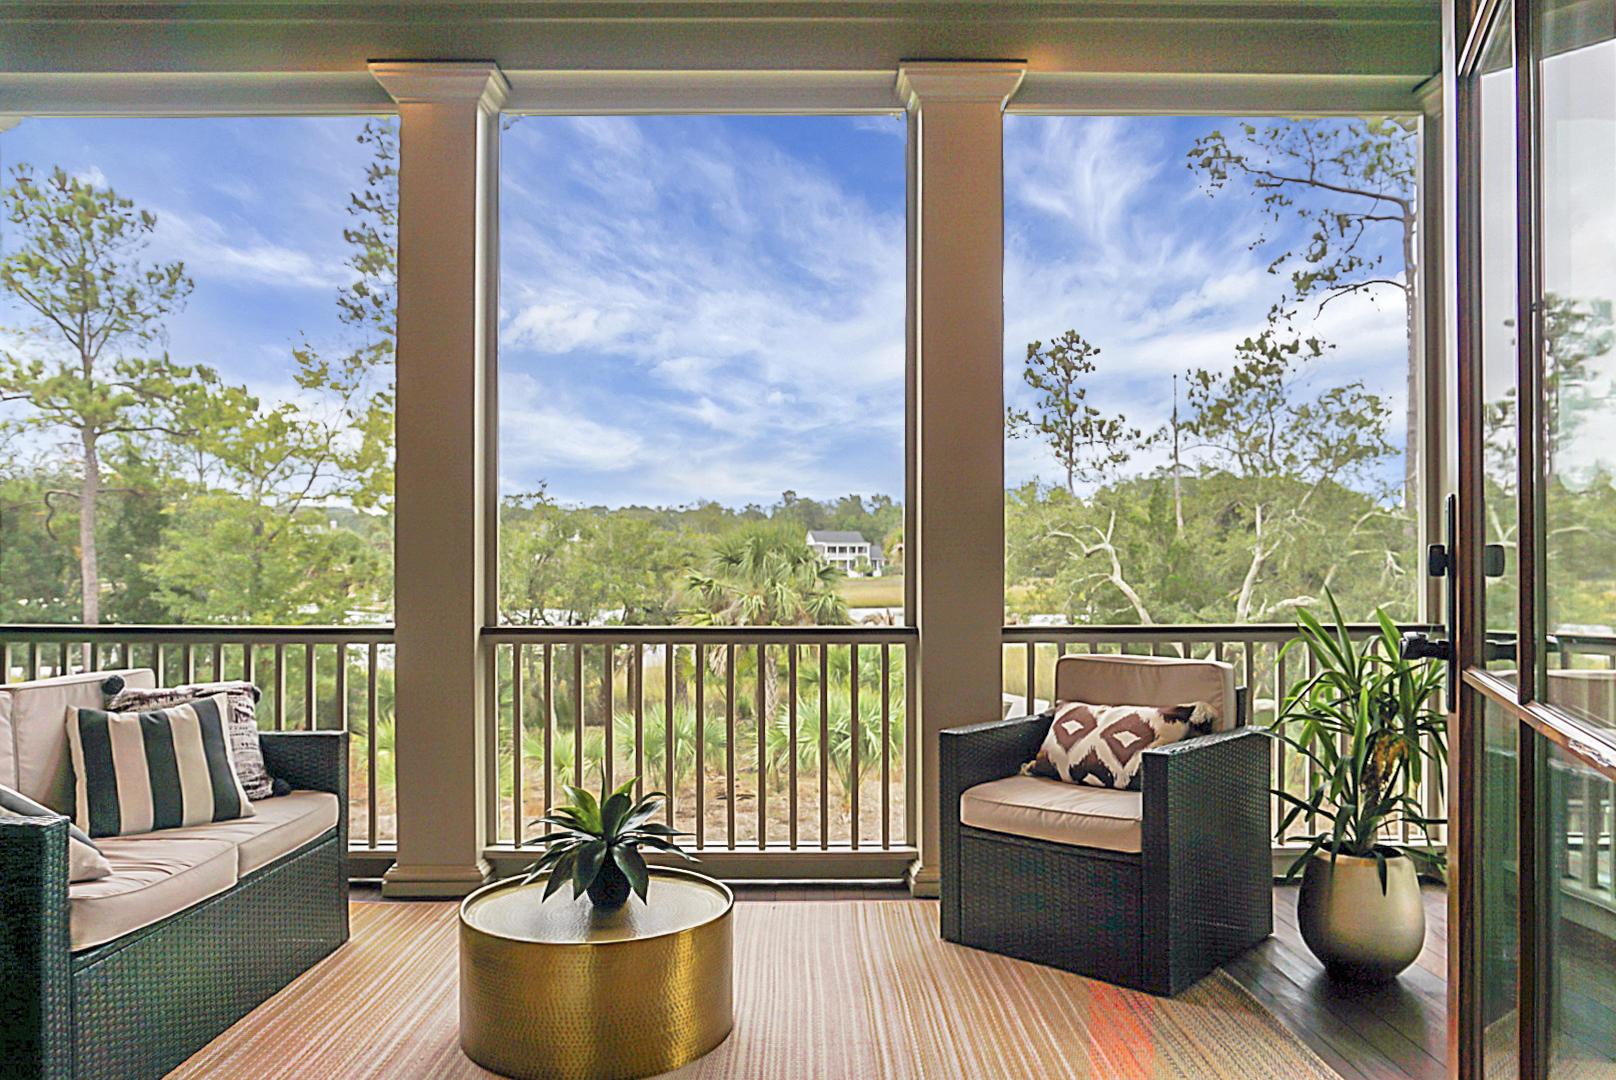 Dunes West Homes For Sale - 2978 River Vista, Mount Pleasant, SC - 24